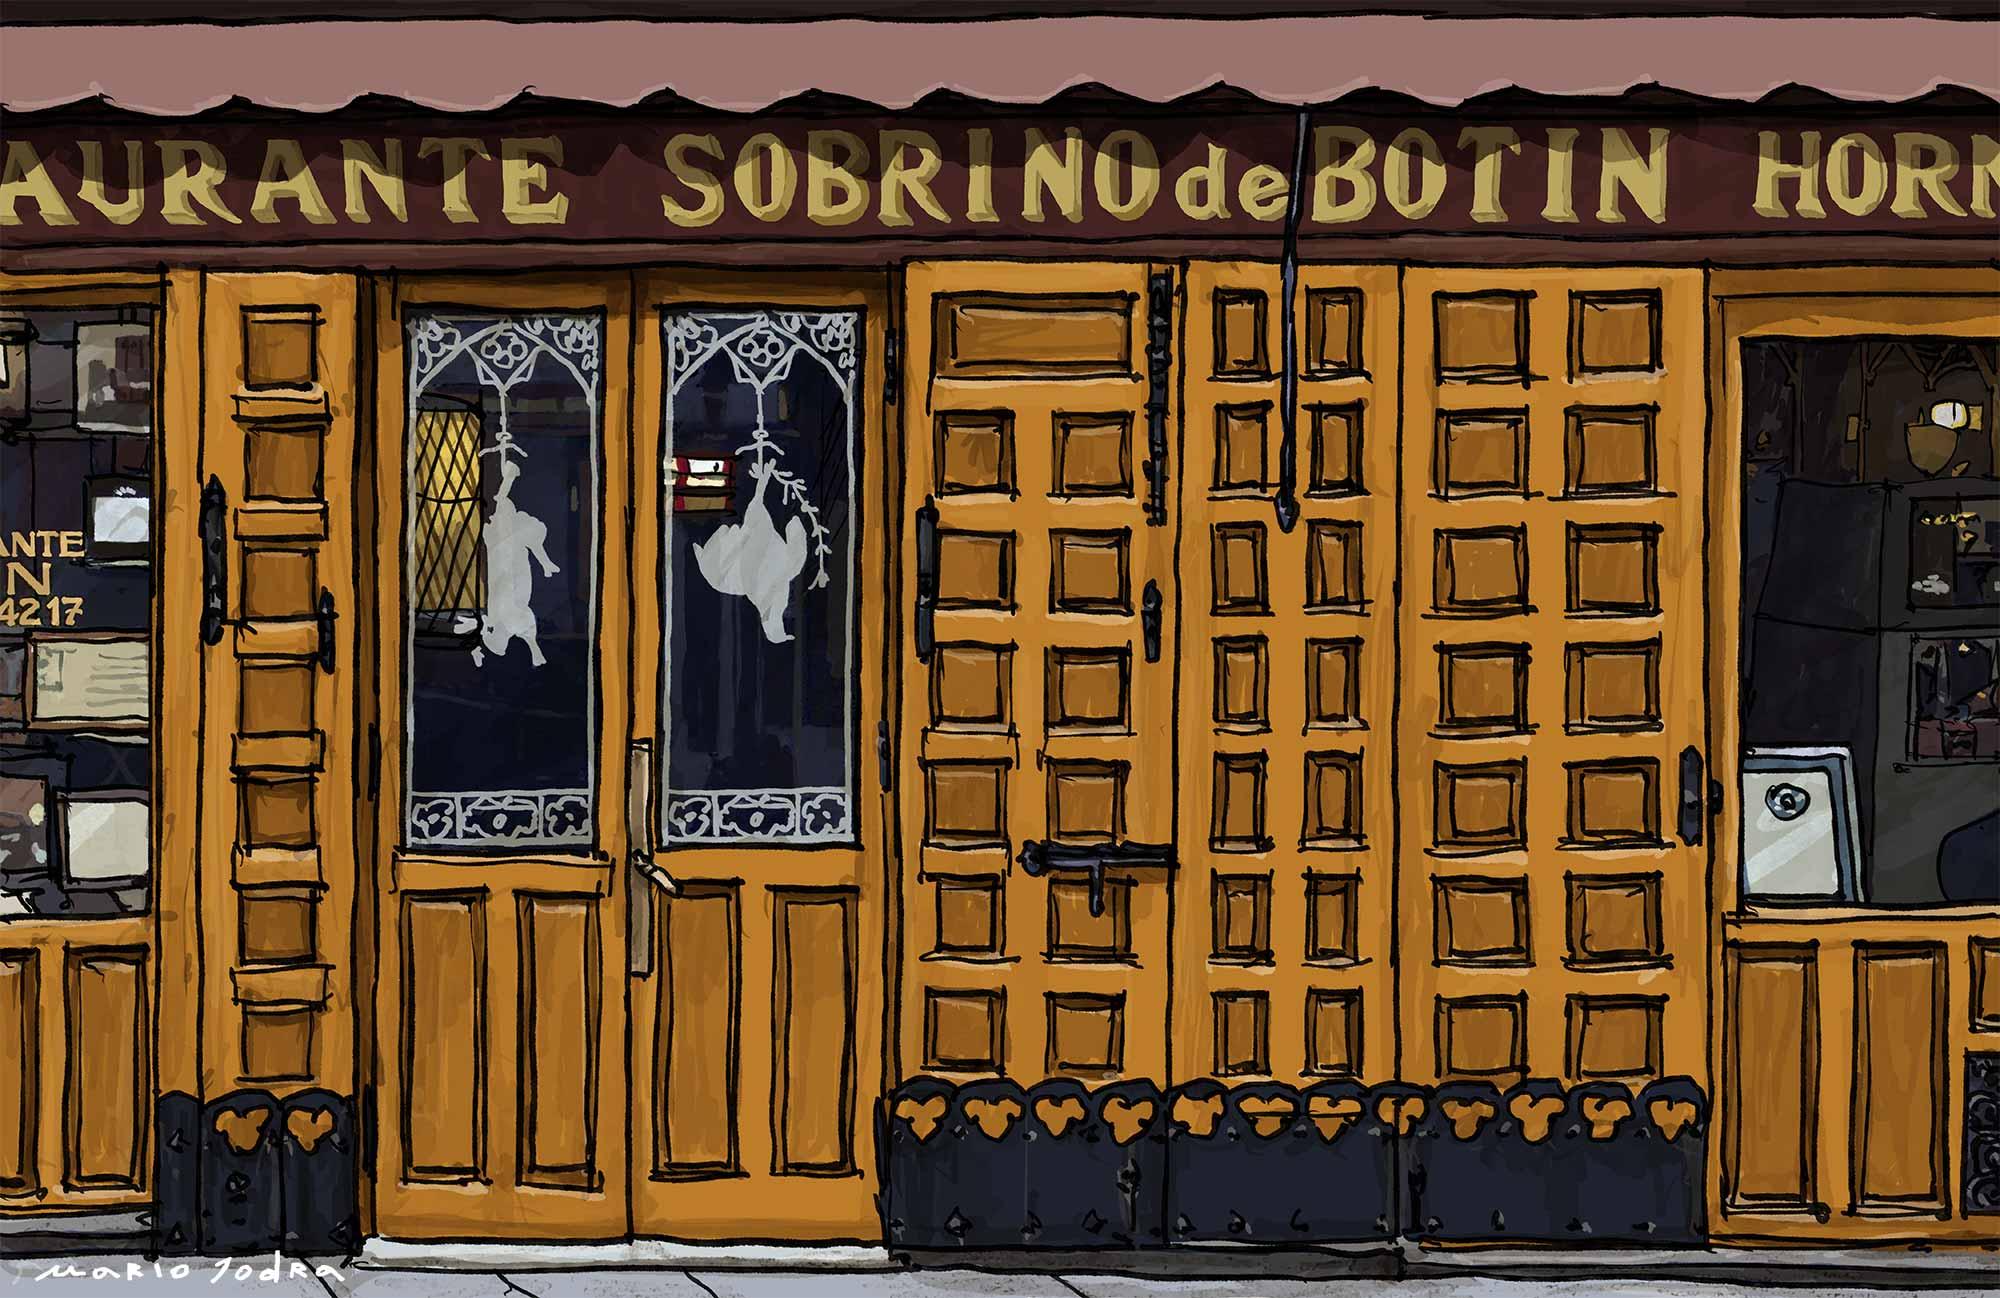 Mario Jodra illustration Art - Sobrino de Botín. Madrid restaurants. Since 1725